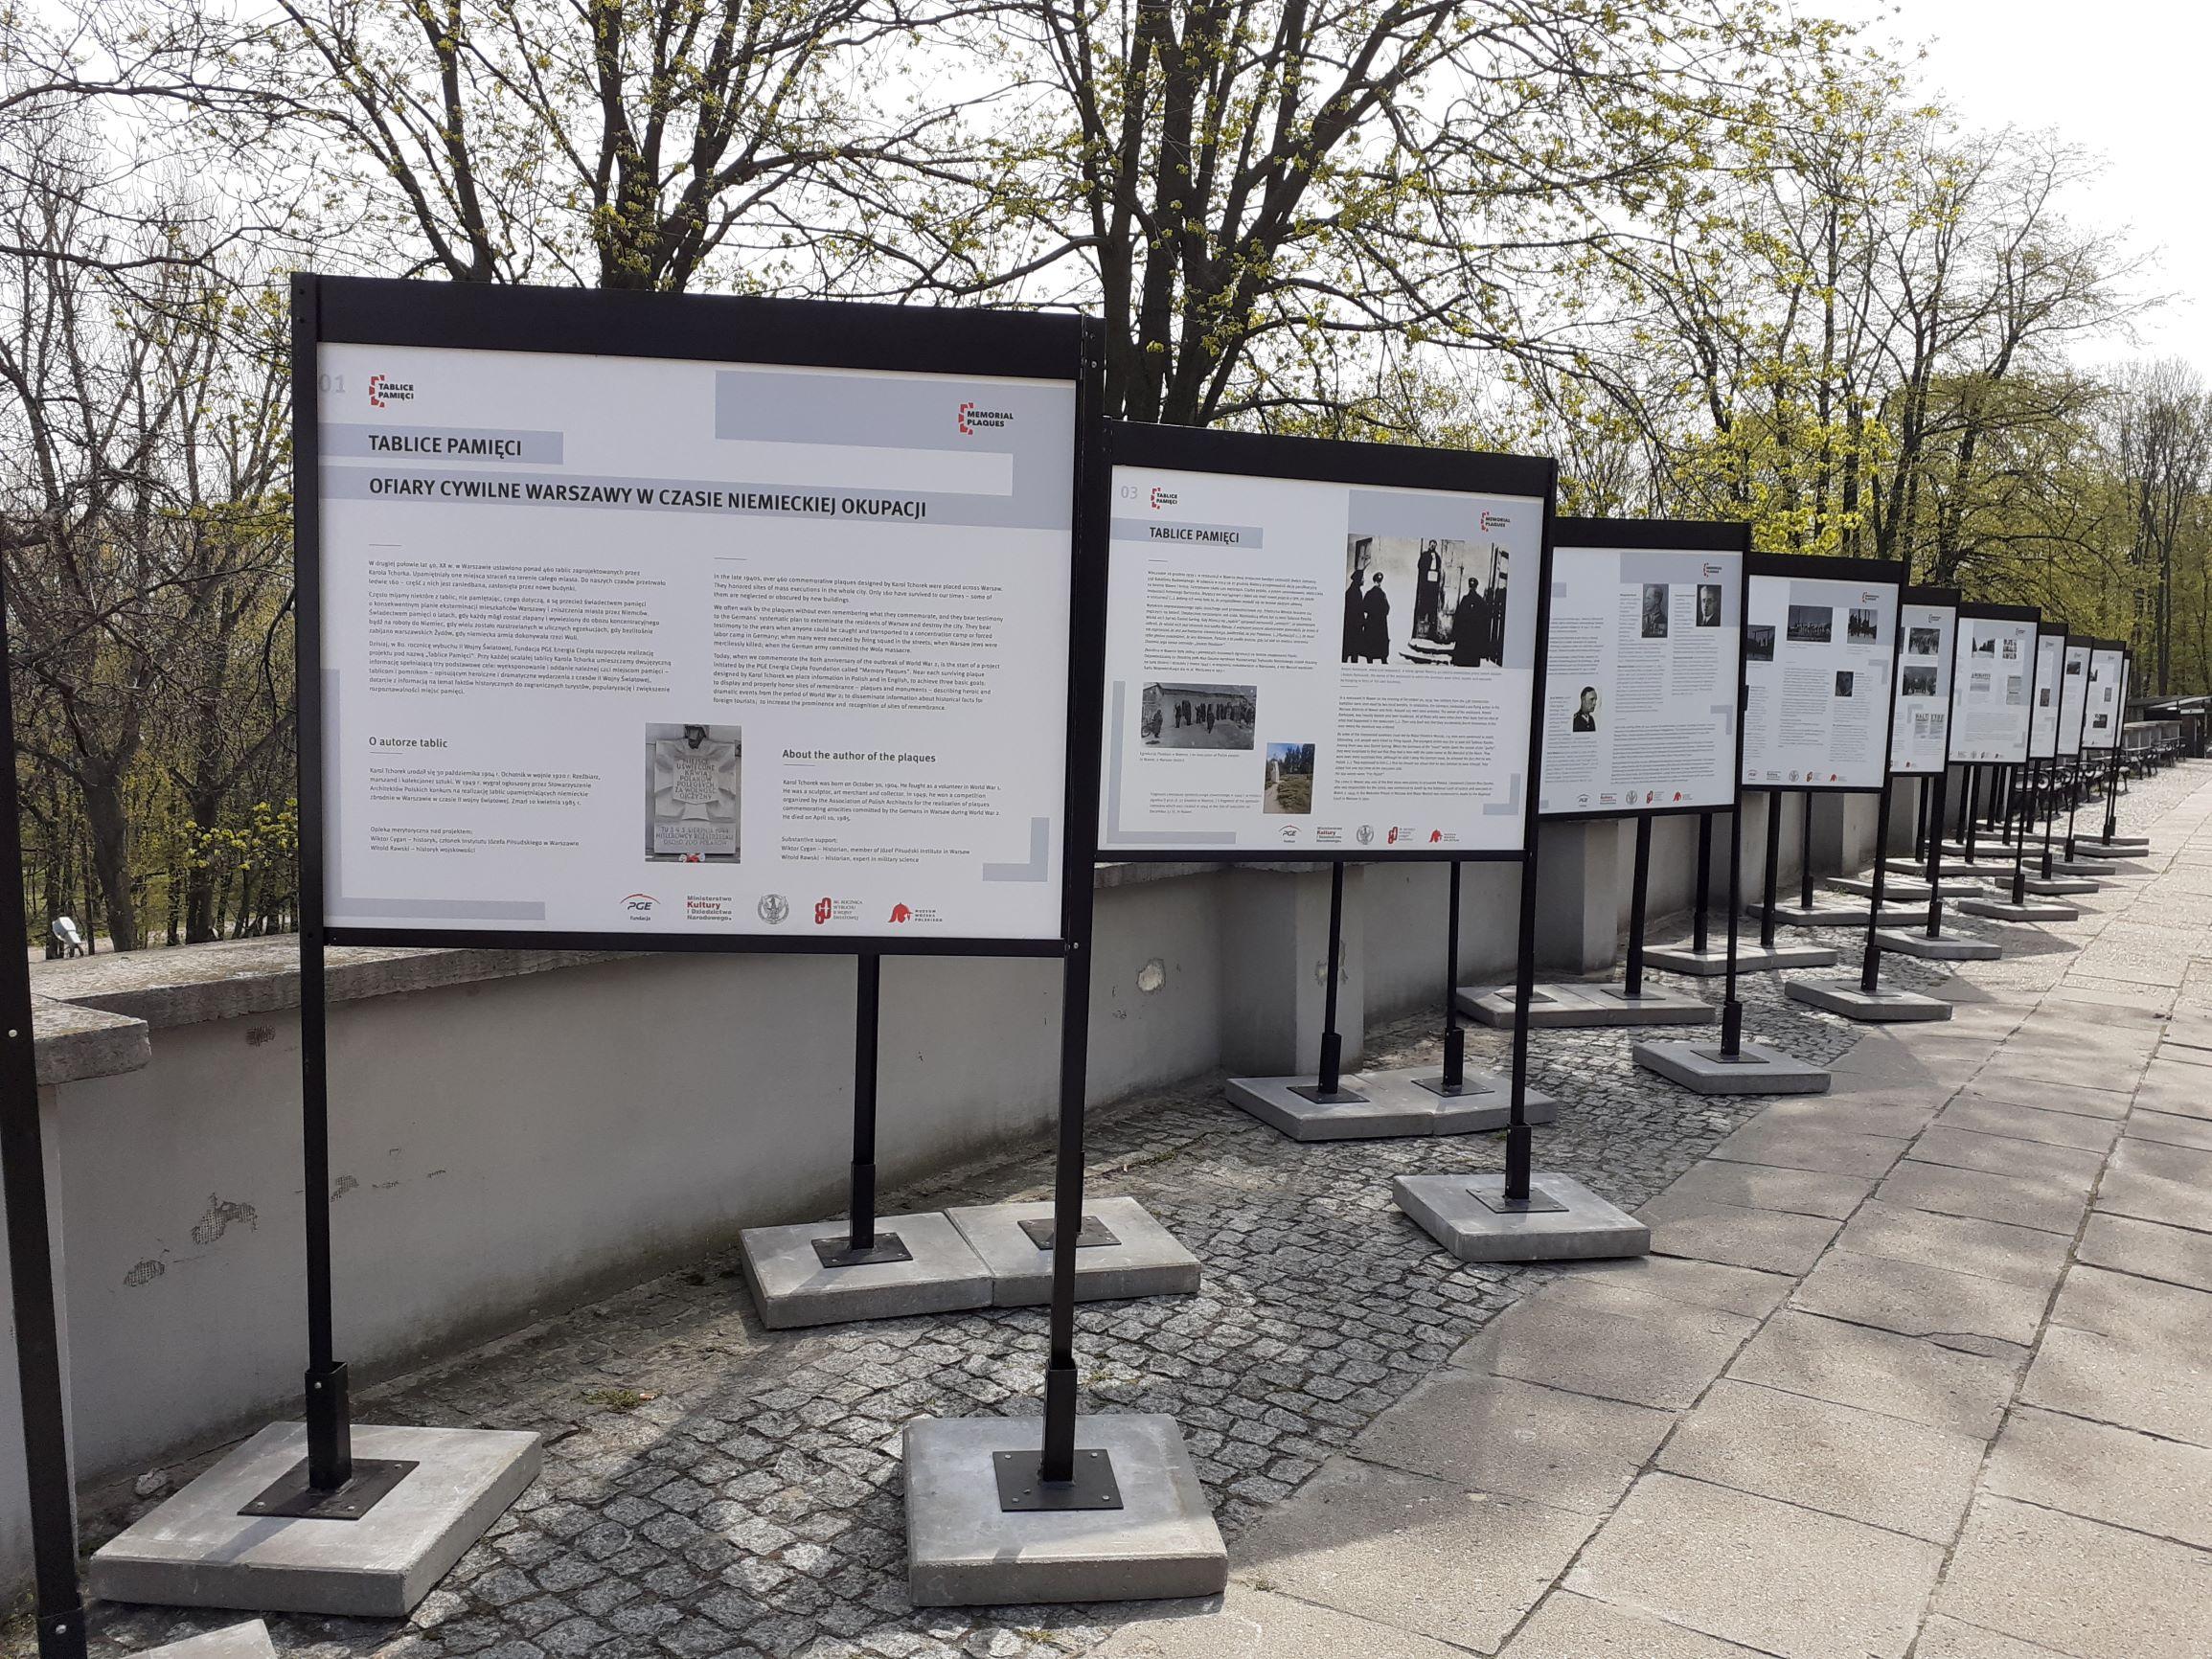 wystawa-tablice-pamieci-w-muzeum-wojska-polskiego-w-warszawie-1.jpg